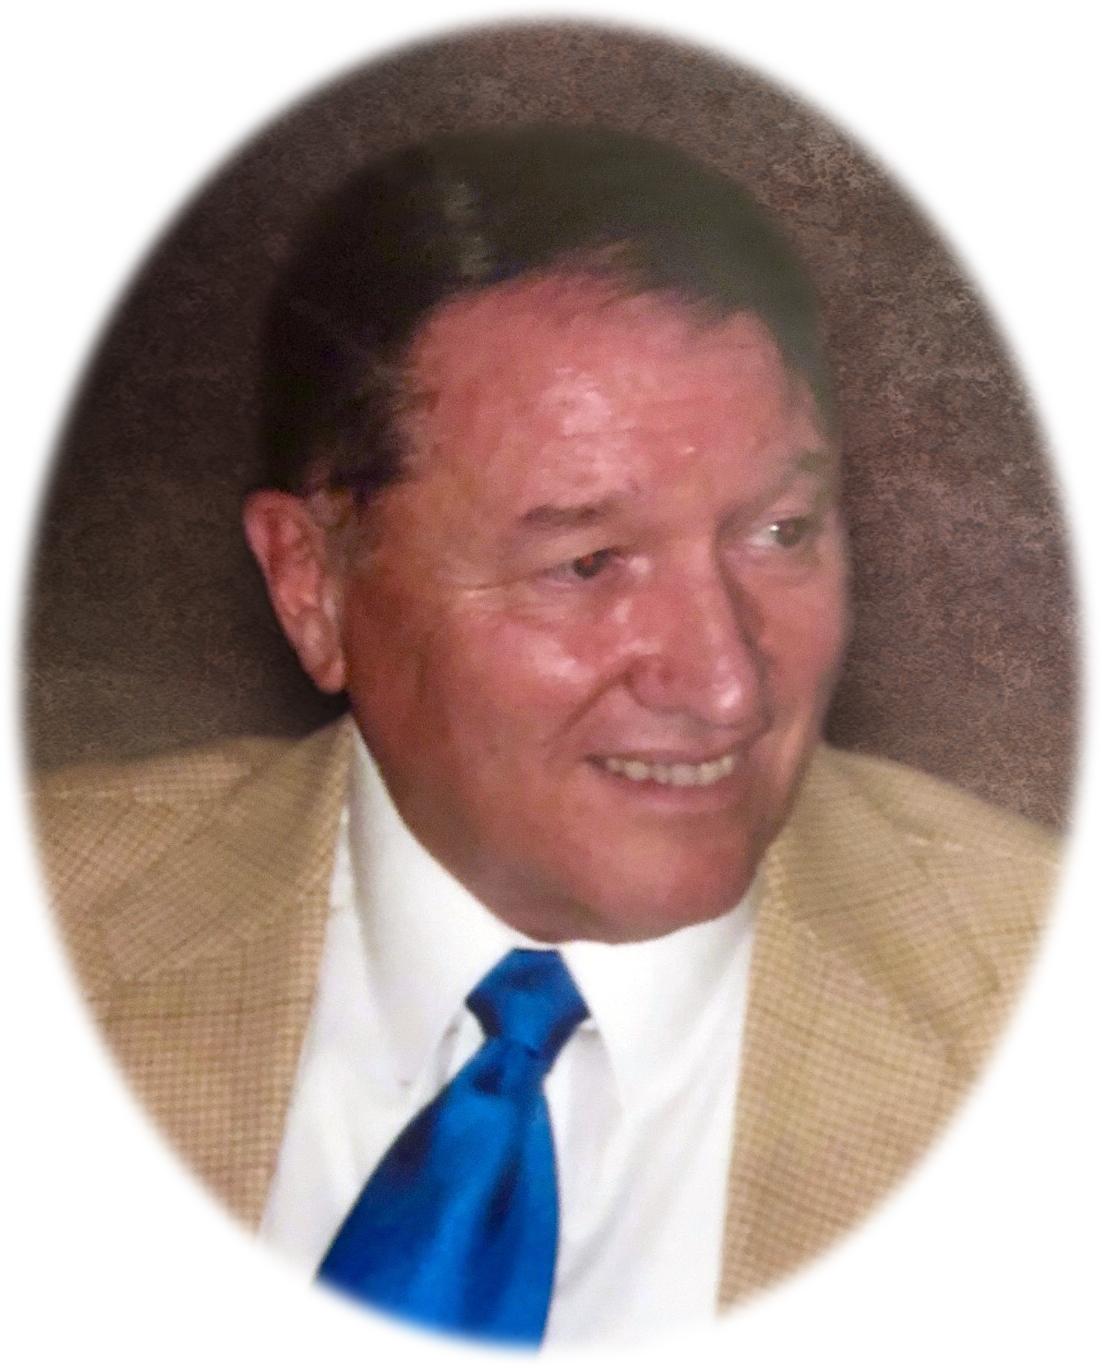 Michael E. Daeges